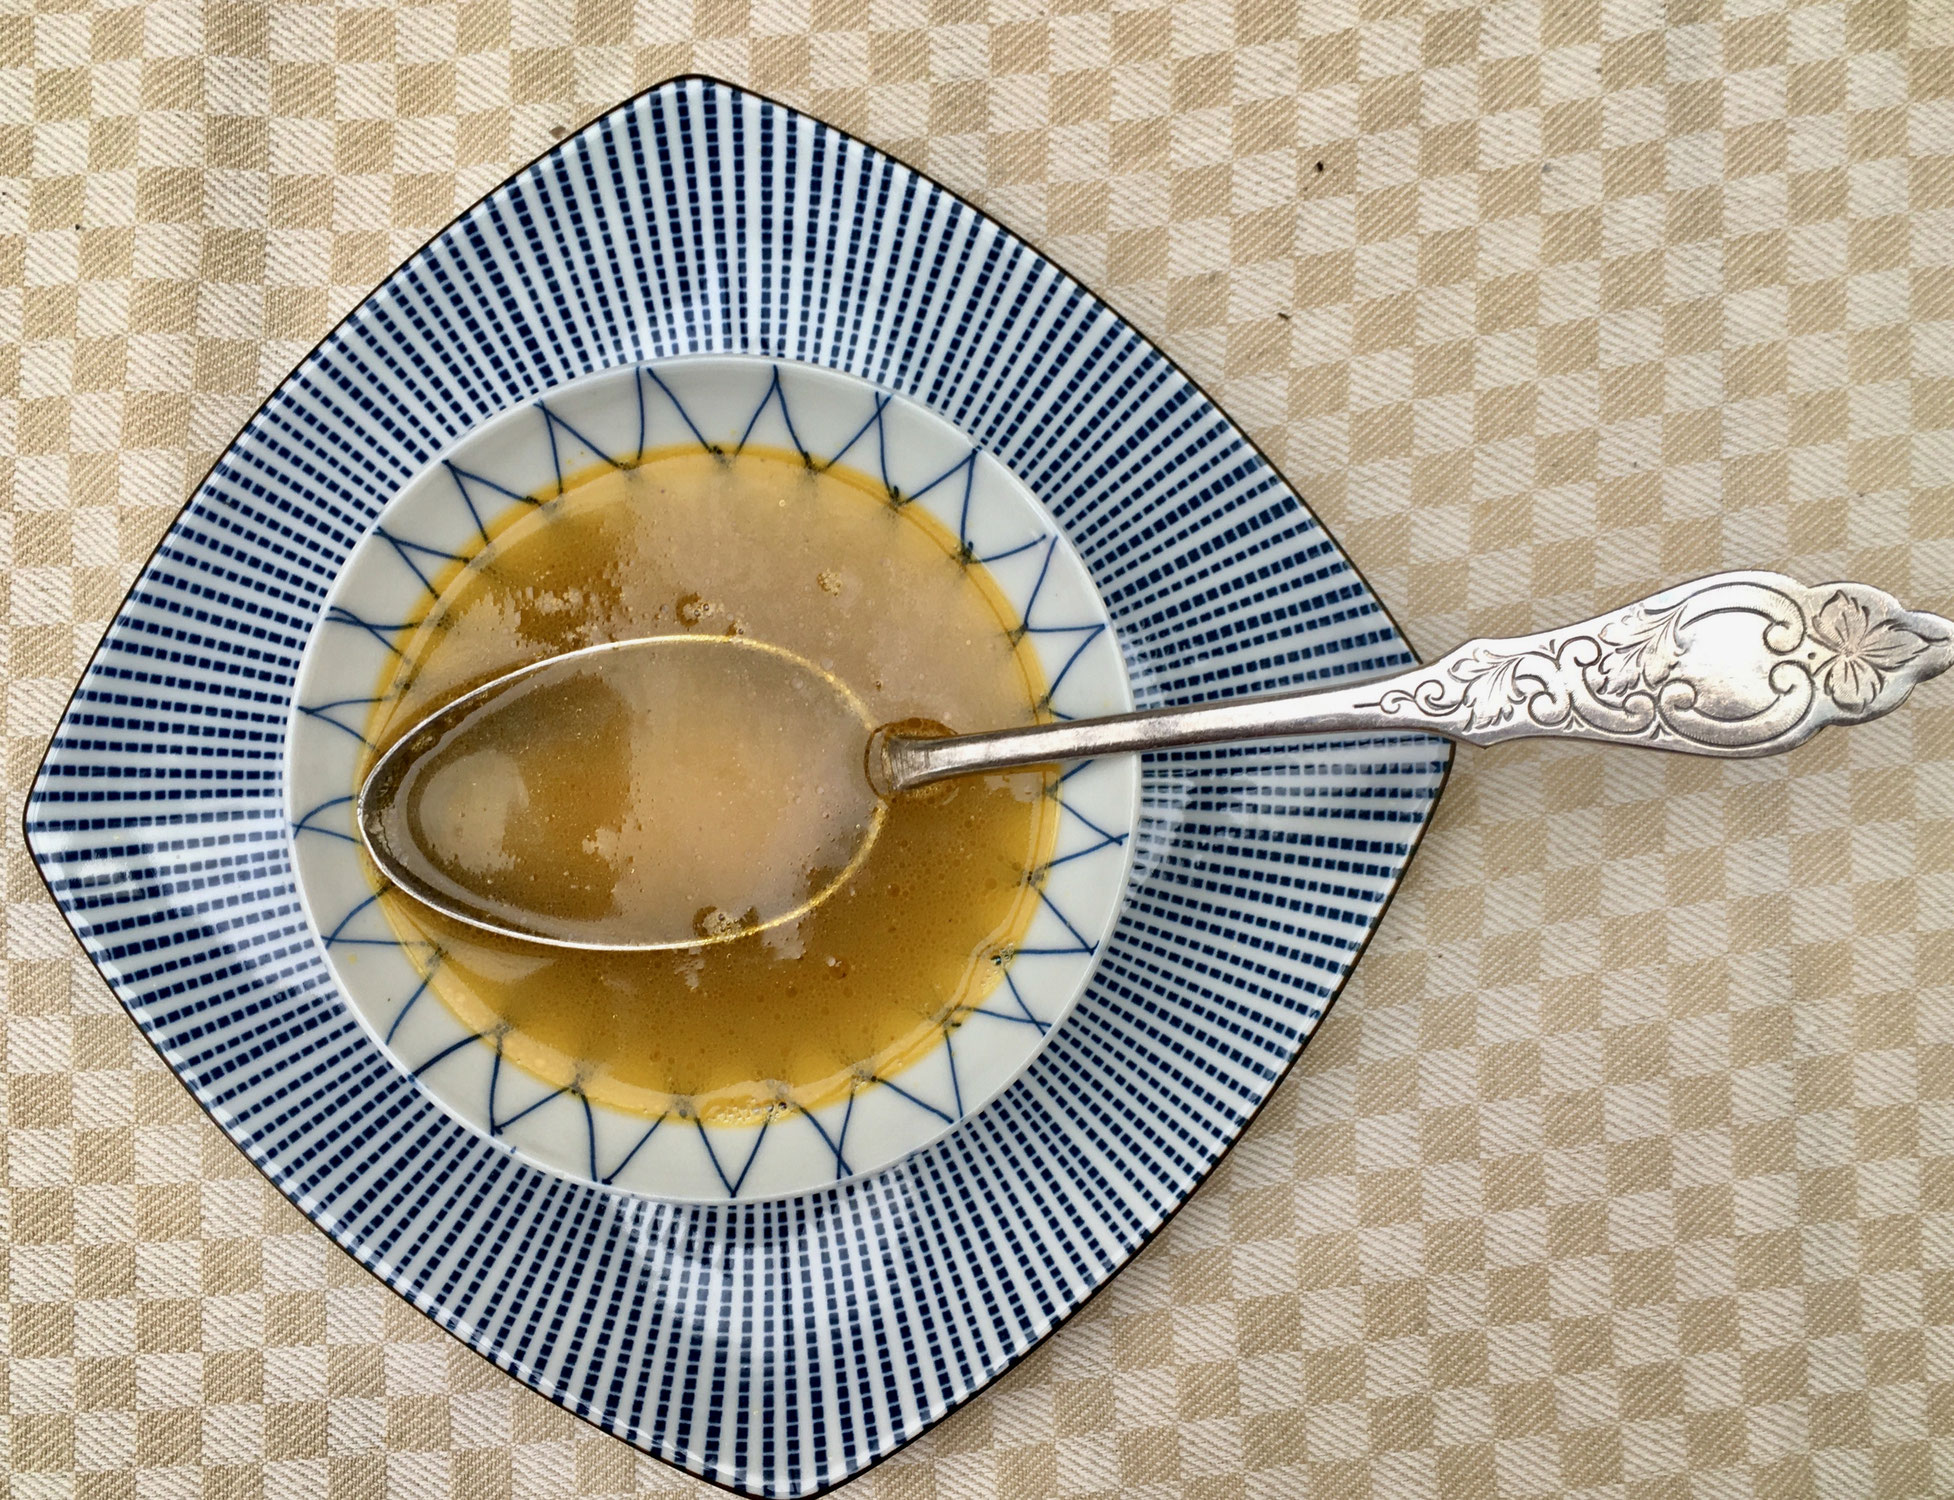 """""""Kraftsuppe - Pures Qi im Teller"""" - neuer eigener Artikel erschienen!"""